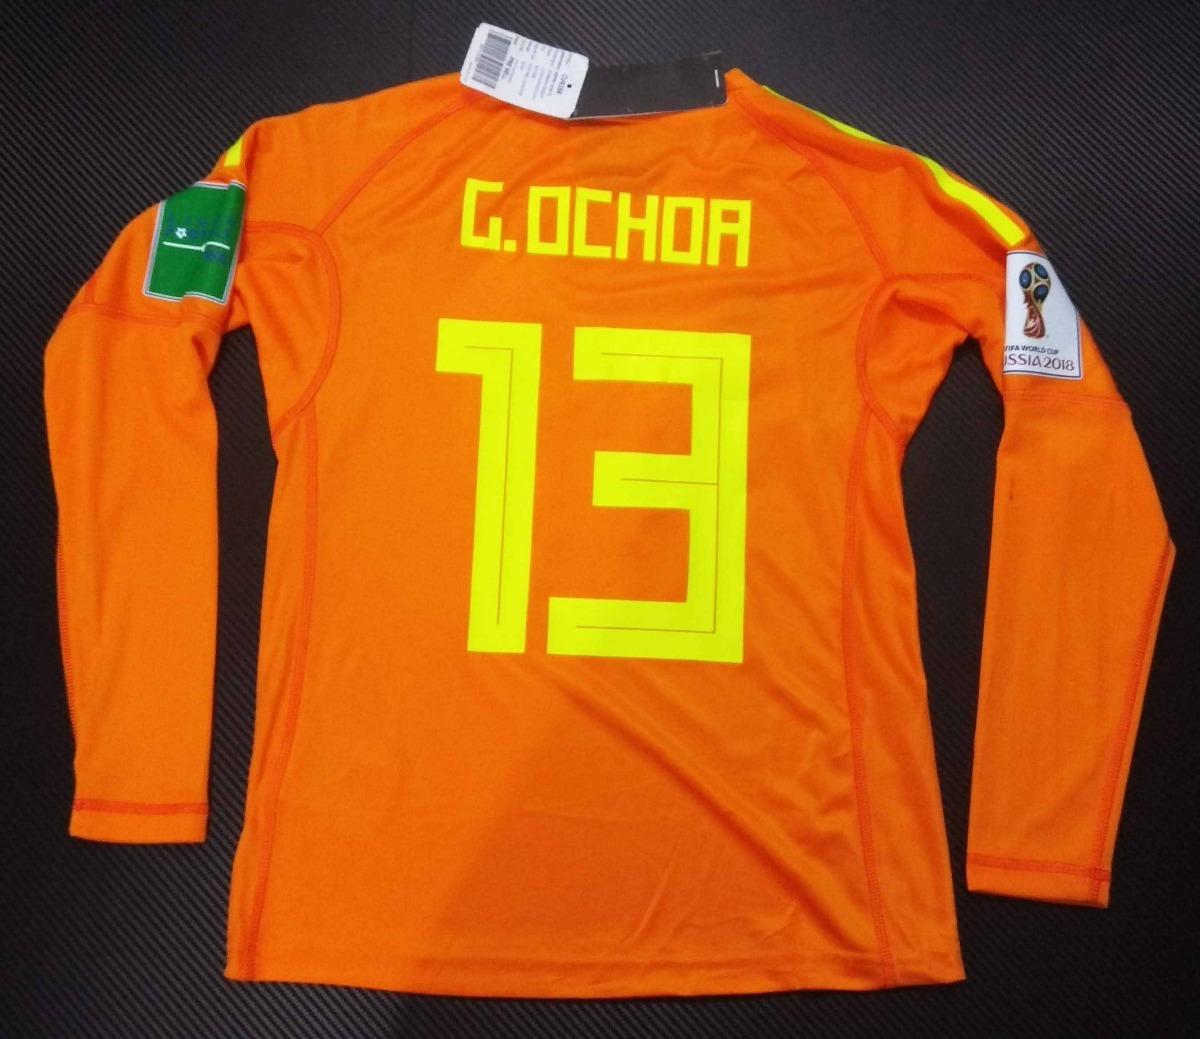 0216fc5ef115e Jersey Mexico Portero adidas Guillermo Ochoa De Niño -   999.00 en ...